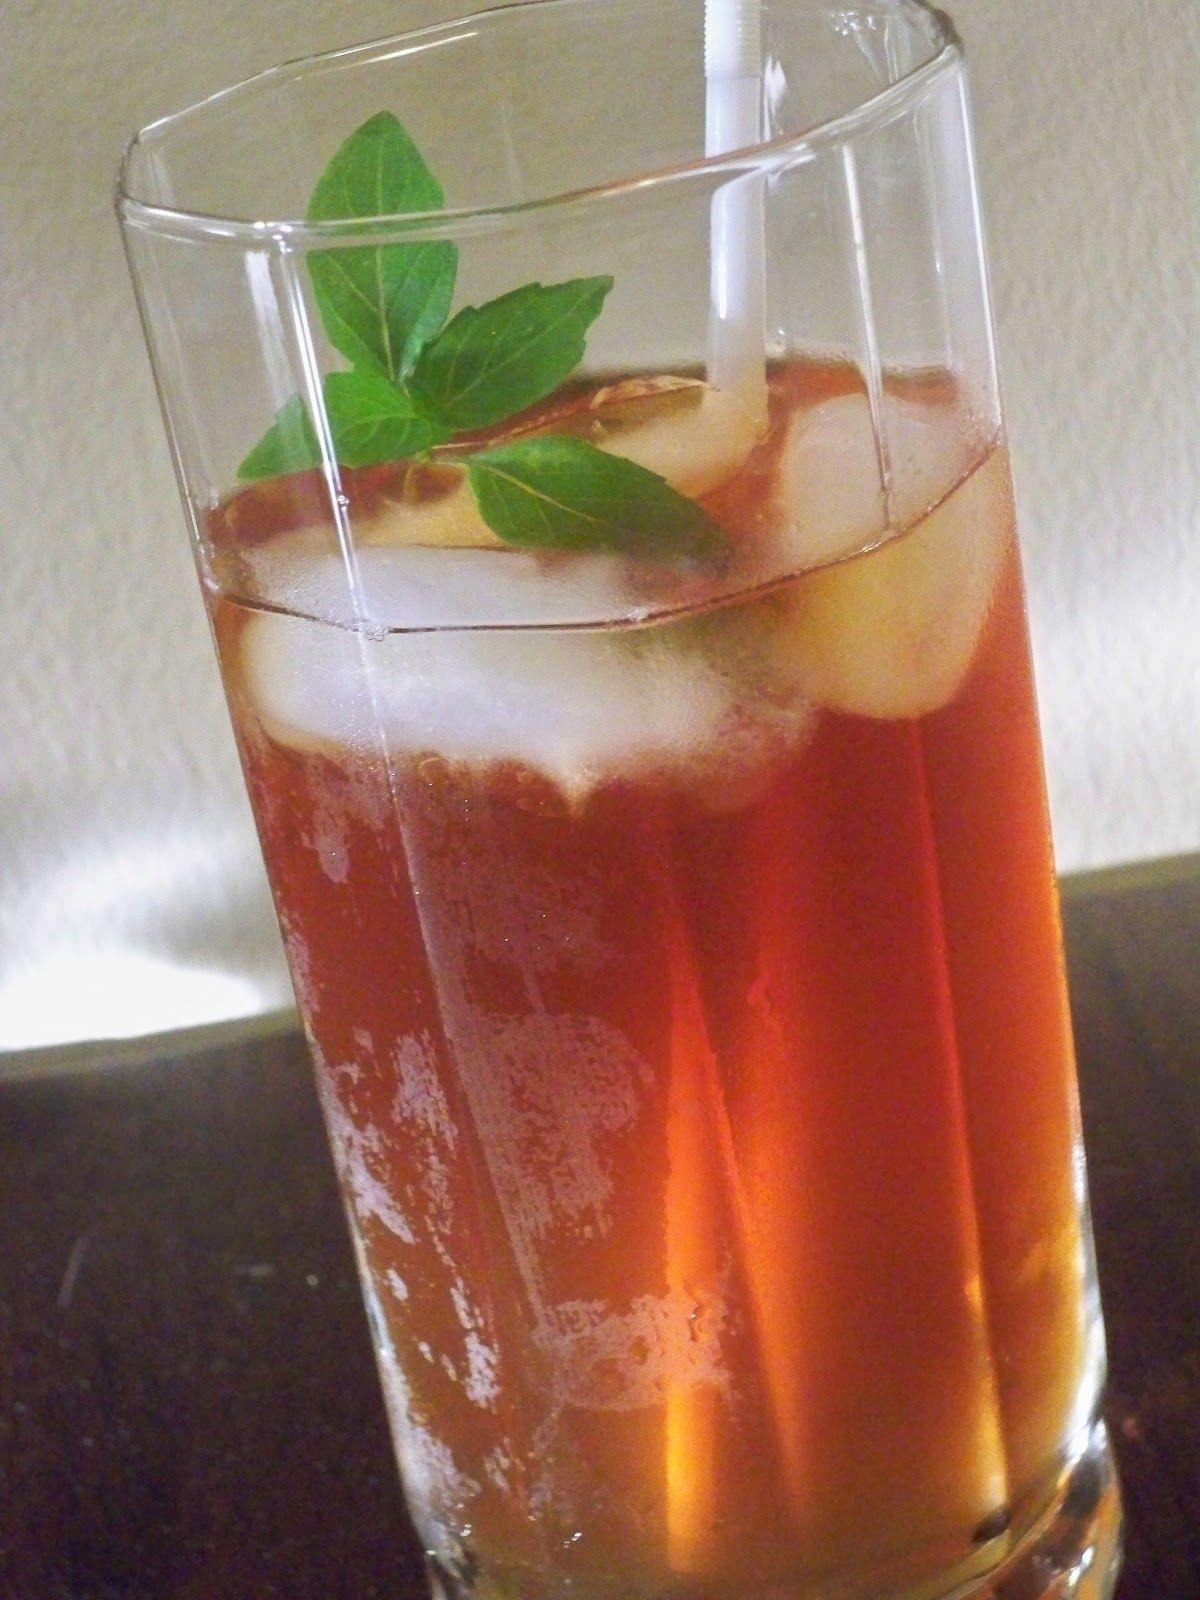 Cinnamon Basil Sweet Tea (With images) Cinnamon basil